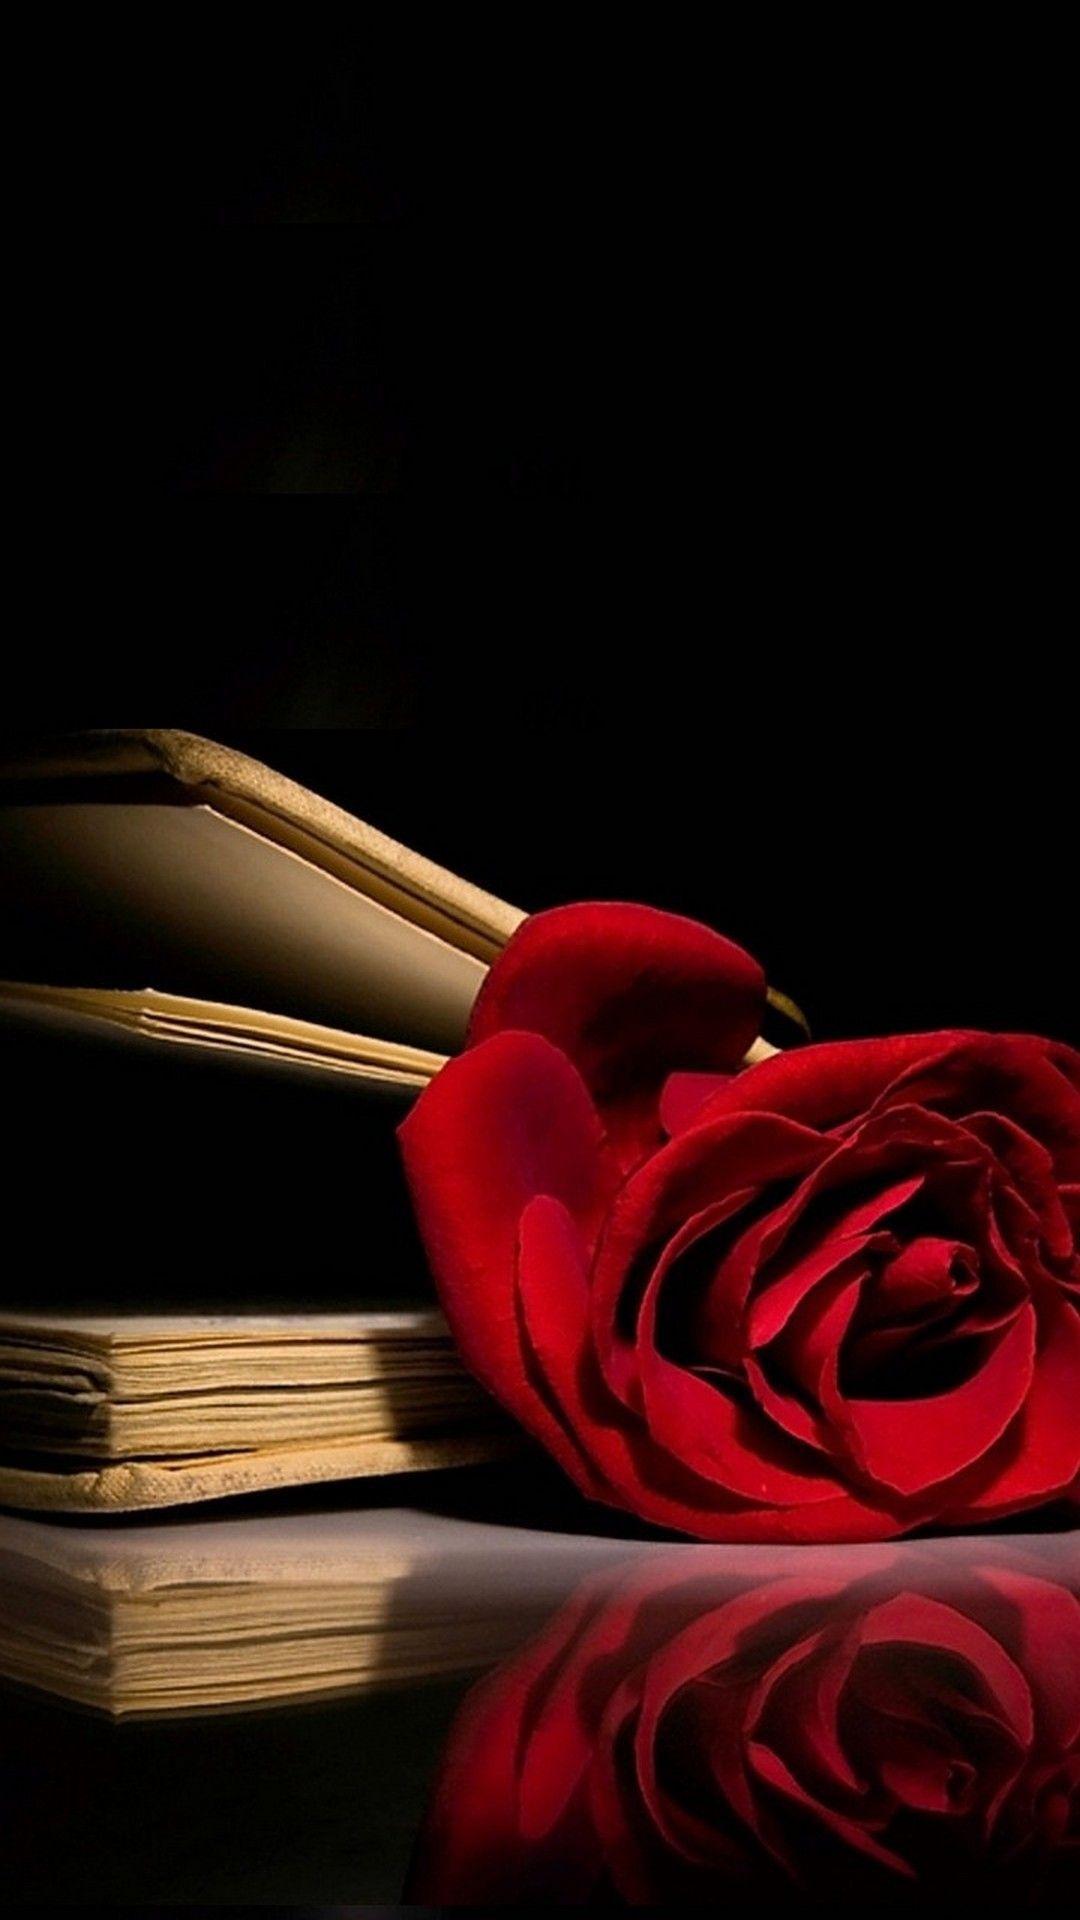 1080x1920 Red Rose Wallpaper Iphone 2018 Cute Screensavers Red Roses Wallpaper Rose Wallpaper Black Roses Wallpaper